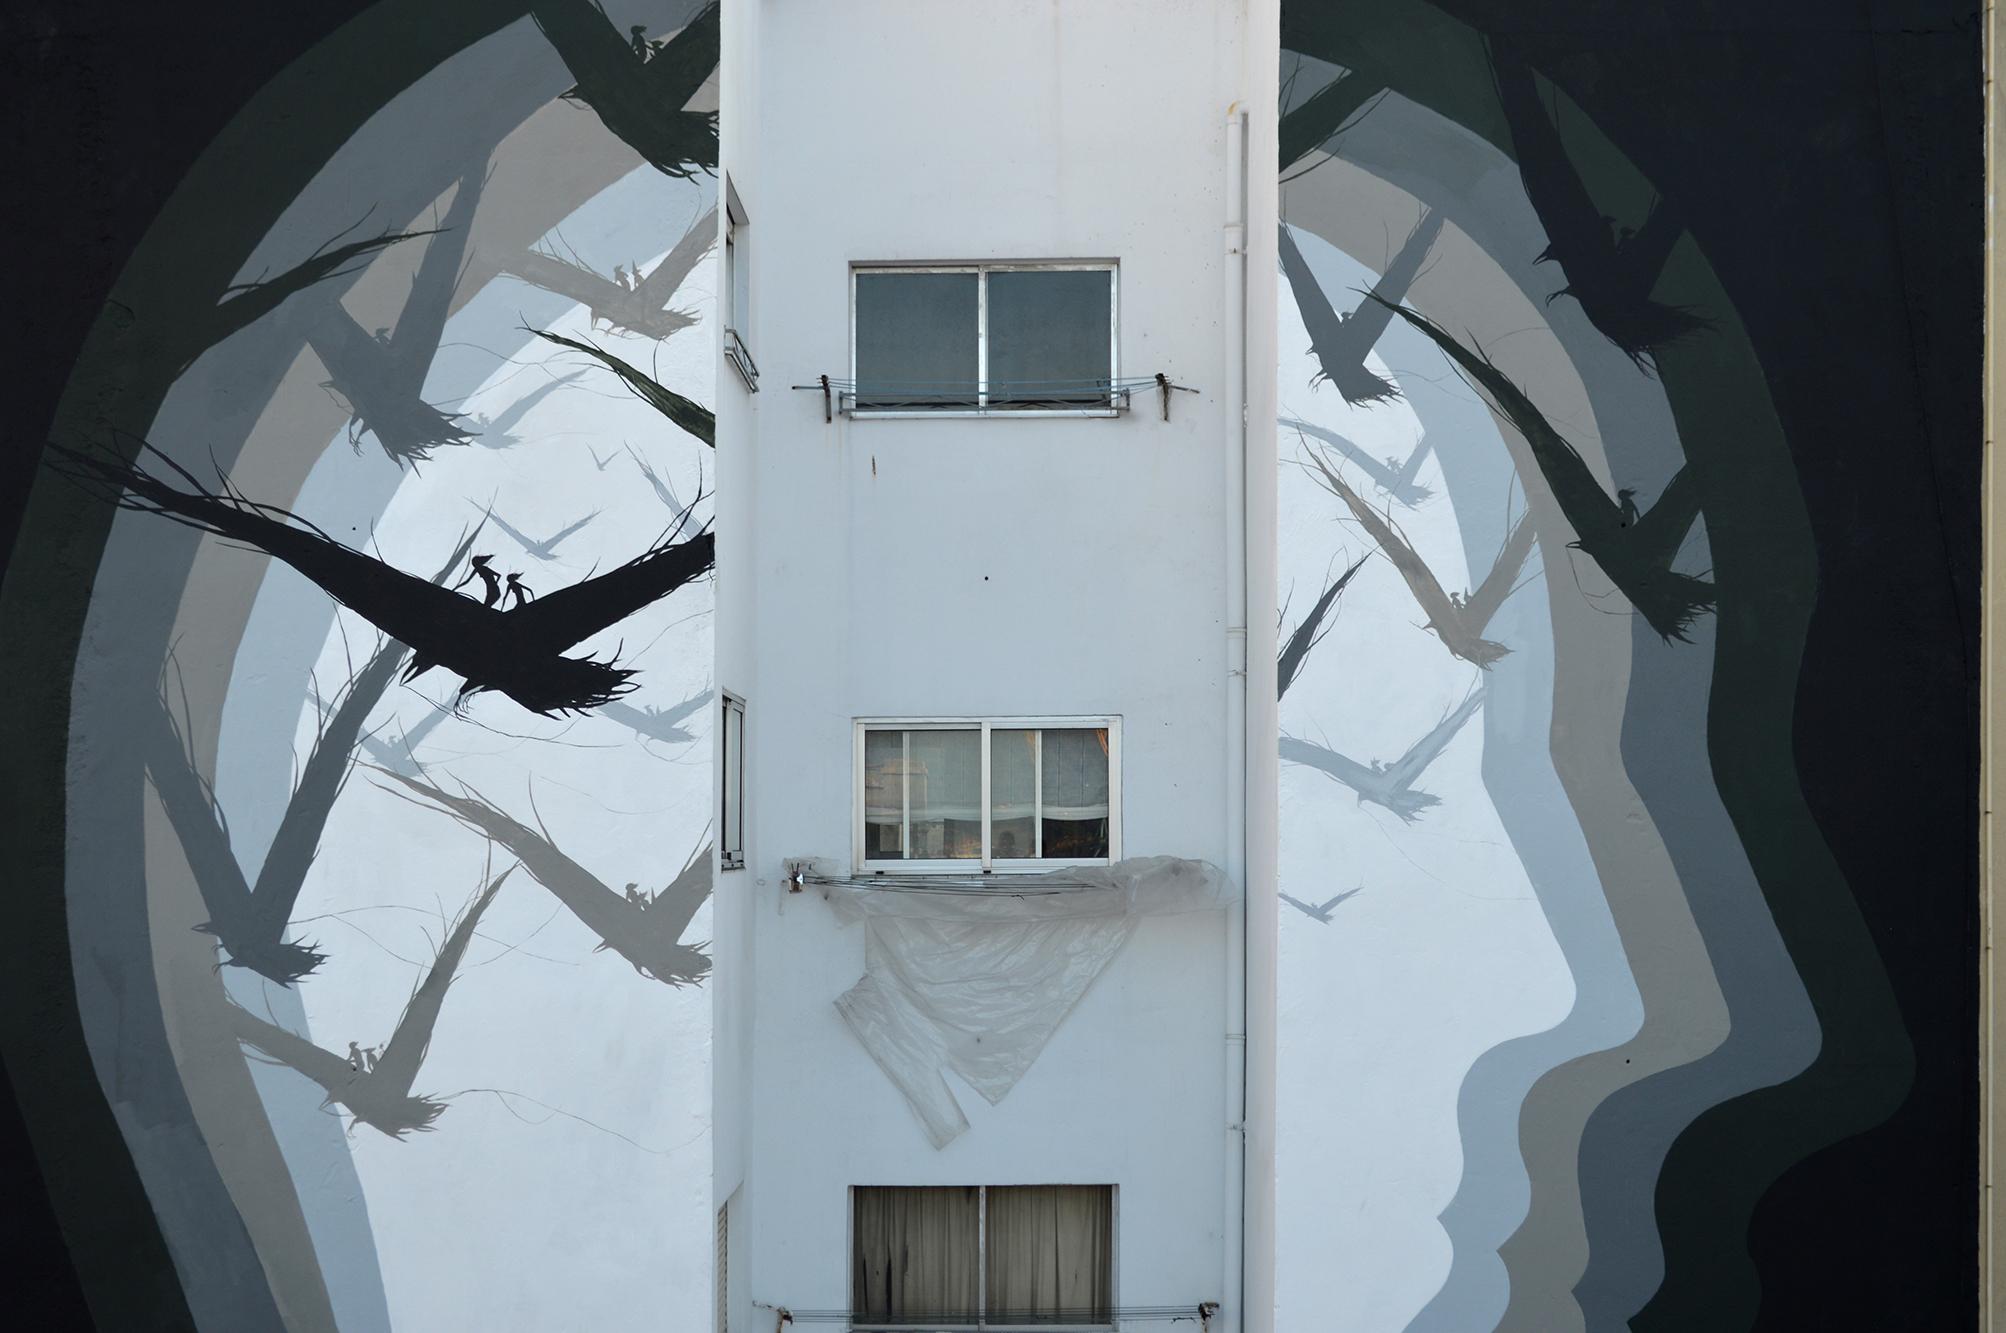 """""""O Espelho Mudo"""" de David de la Mano Artes & contextos ElEspejoMudo Vigo Spain DaviddelaMano2020 7"""